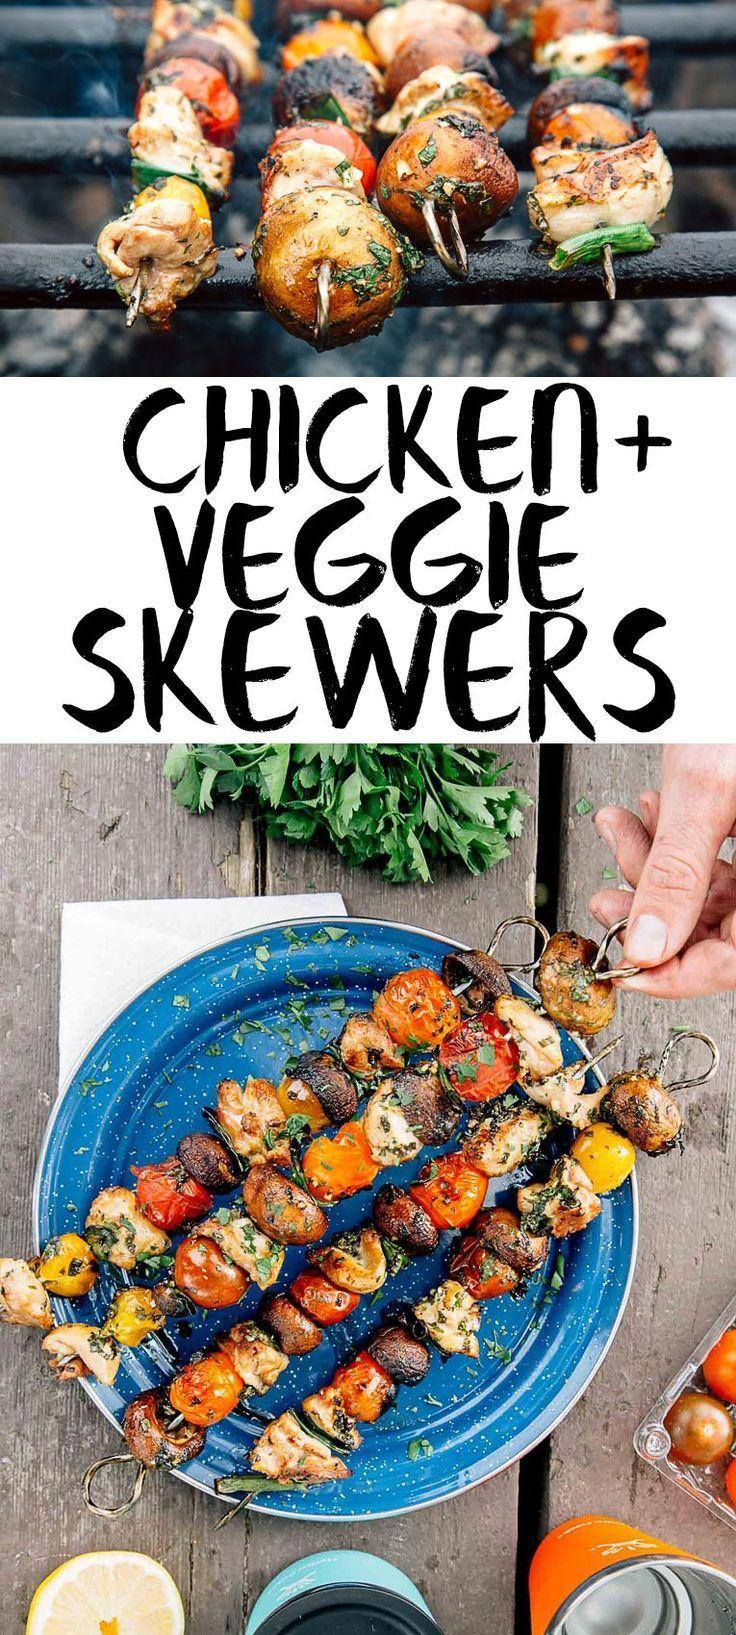 Grilled chicken veggie skewers recipe veggie skewers meals grilled chicken veggie skewers healthy camping mealseasy forumfinder Gallery